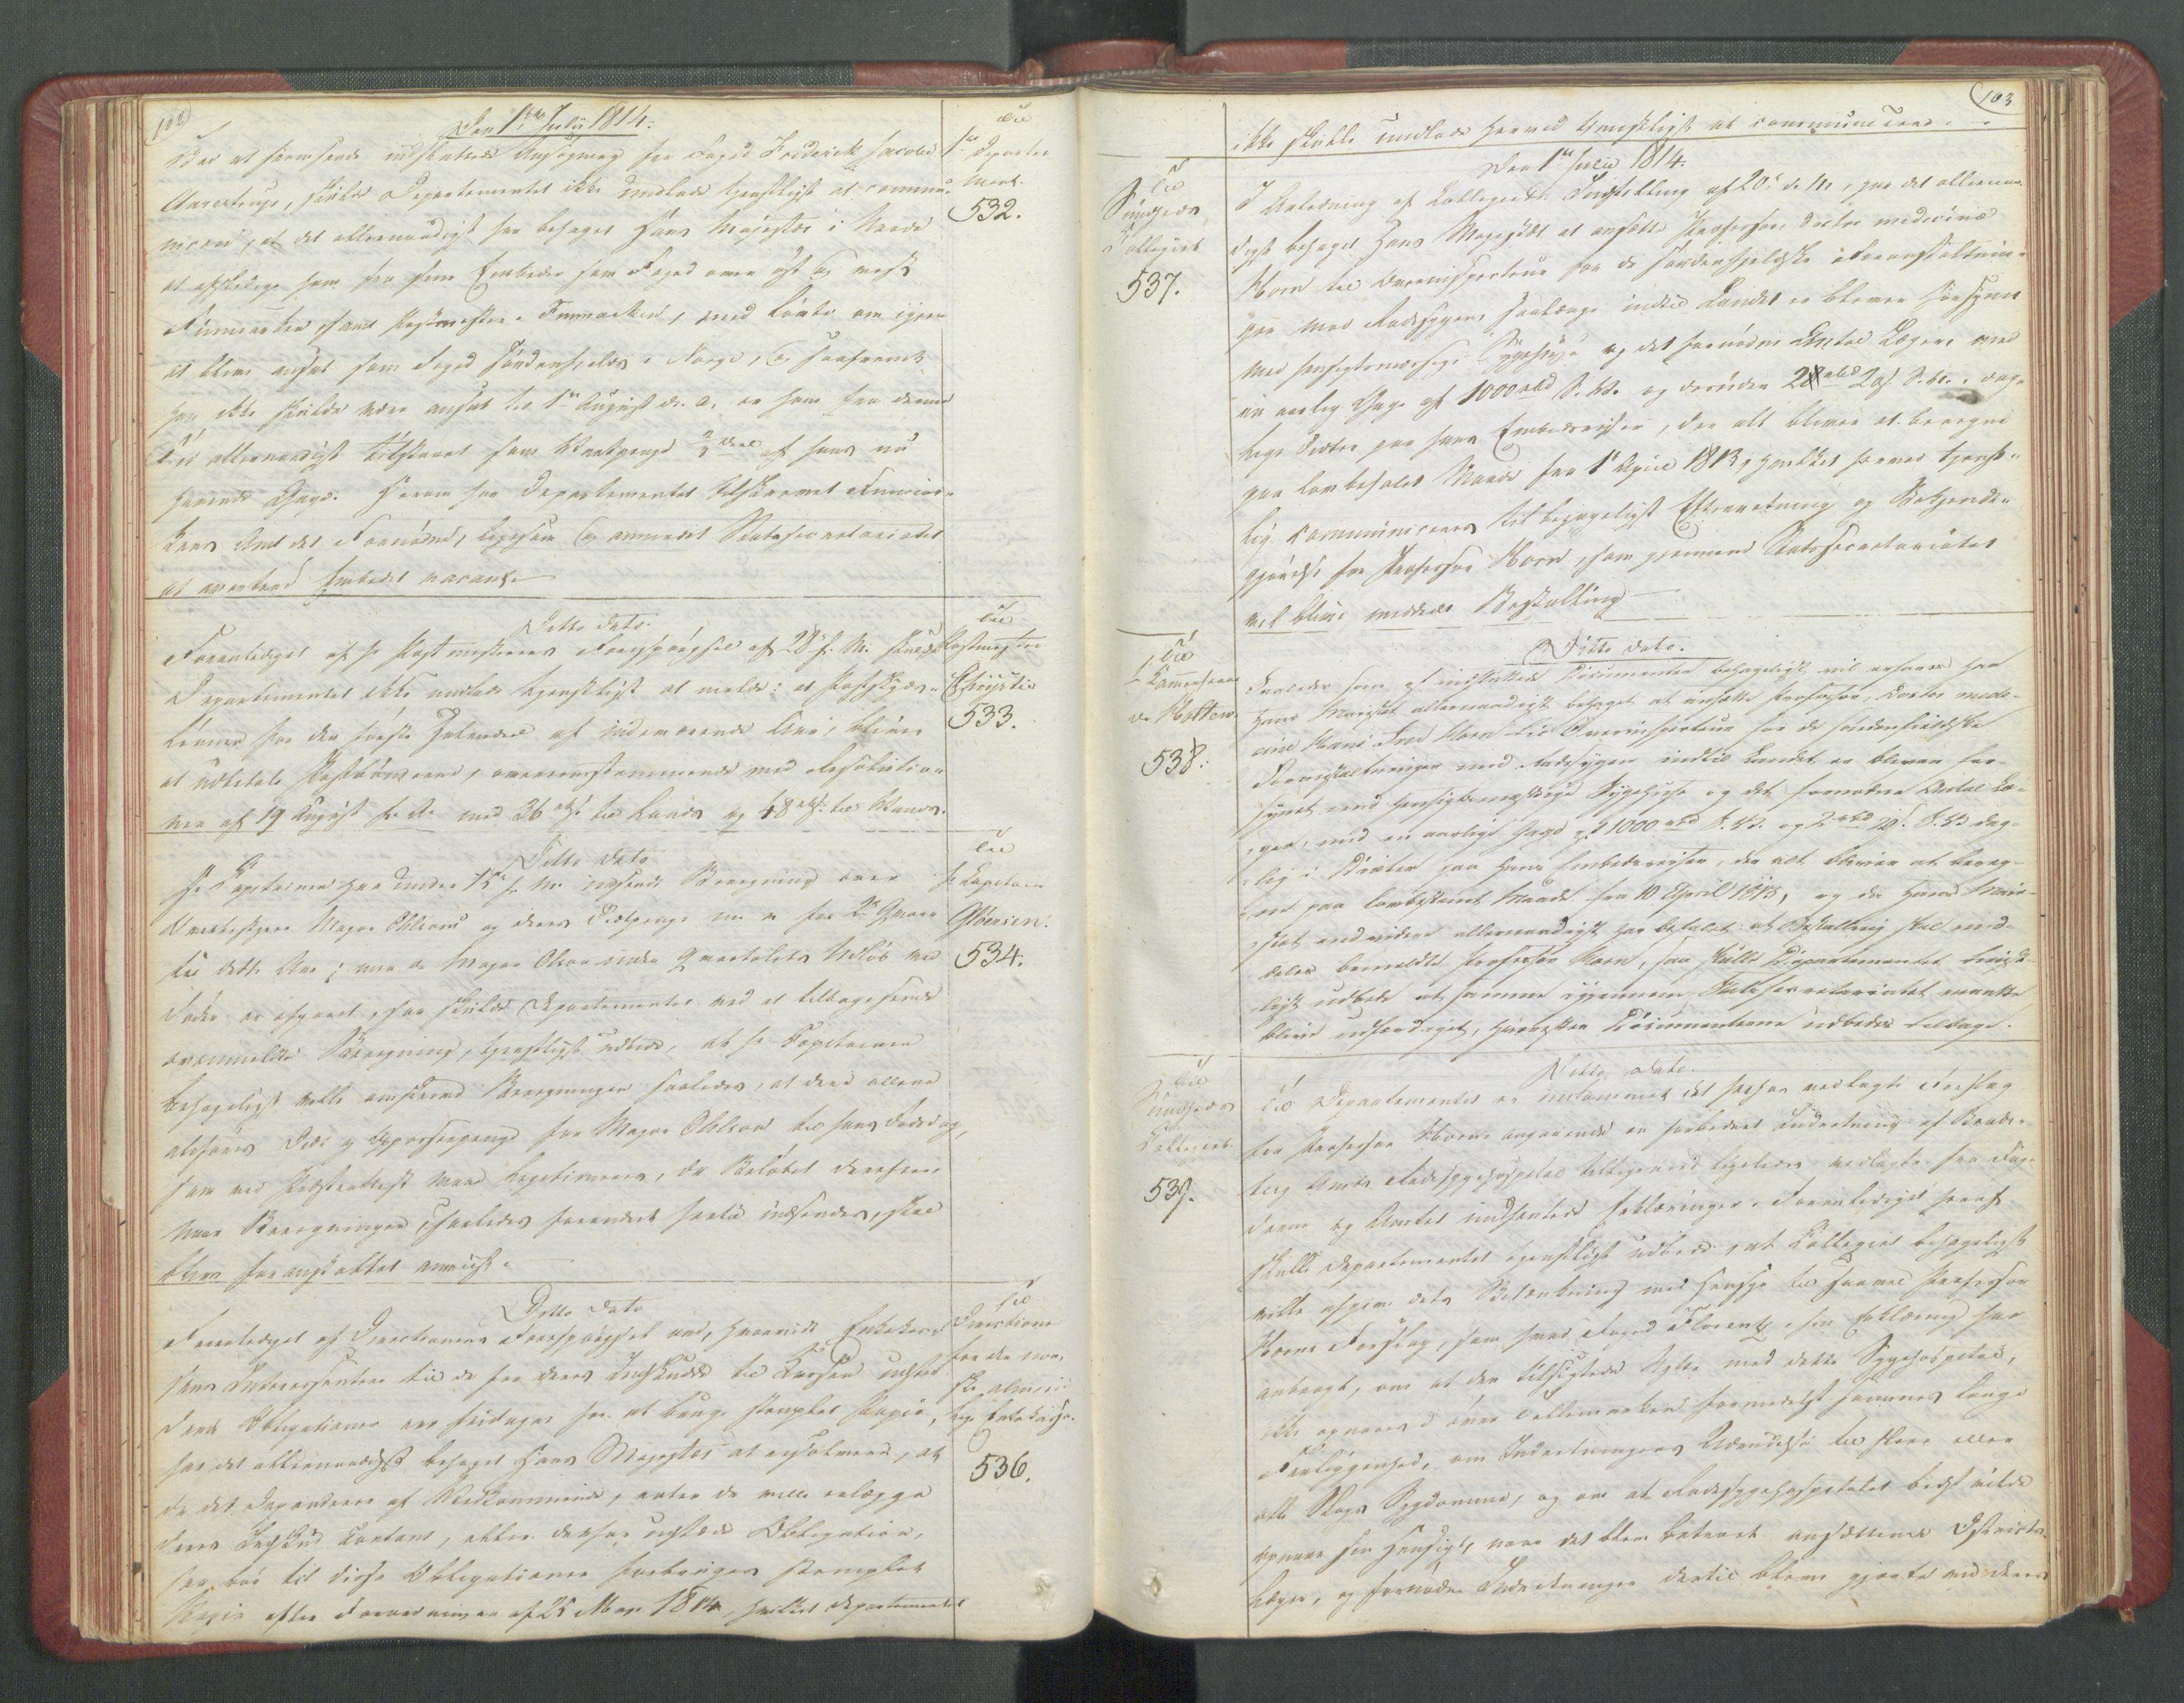 RA, Departementene i 1814, Fb/L0028: Kopibok 1-1371, 1814, s. 102-103